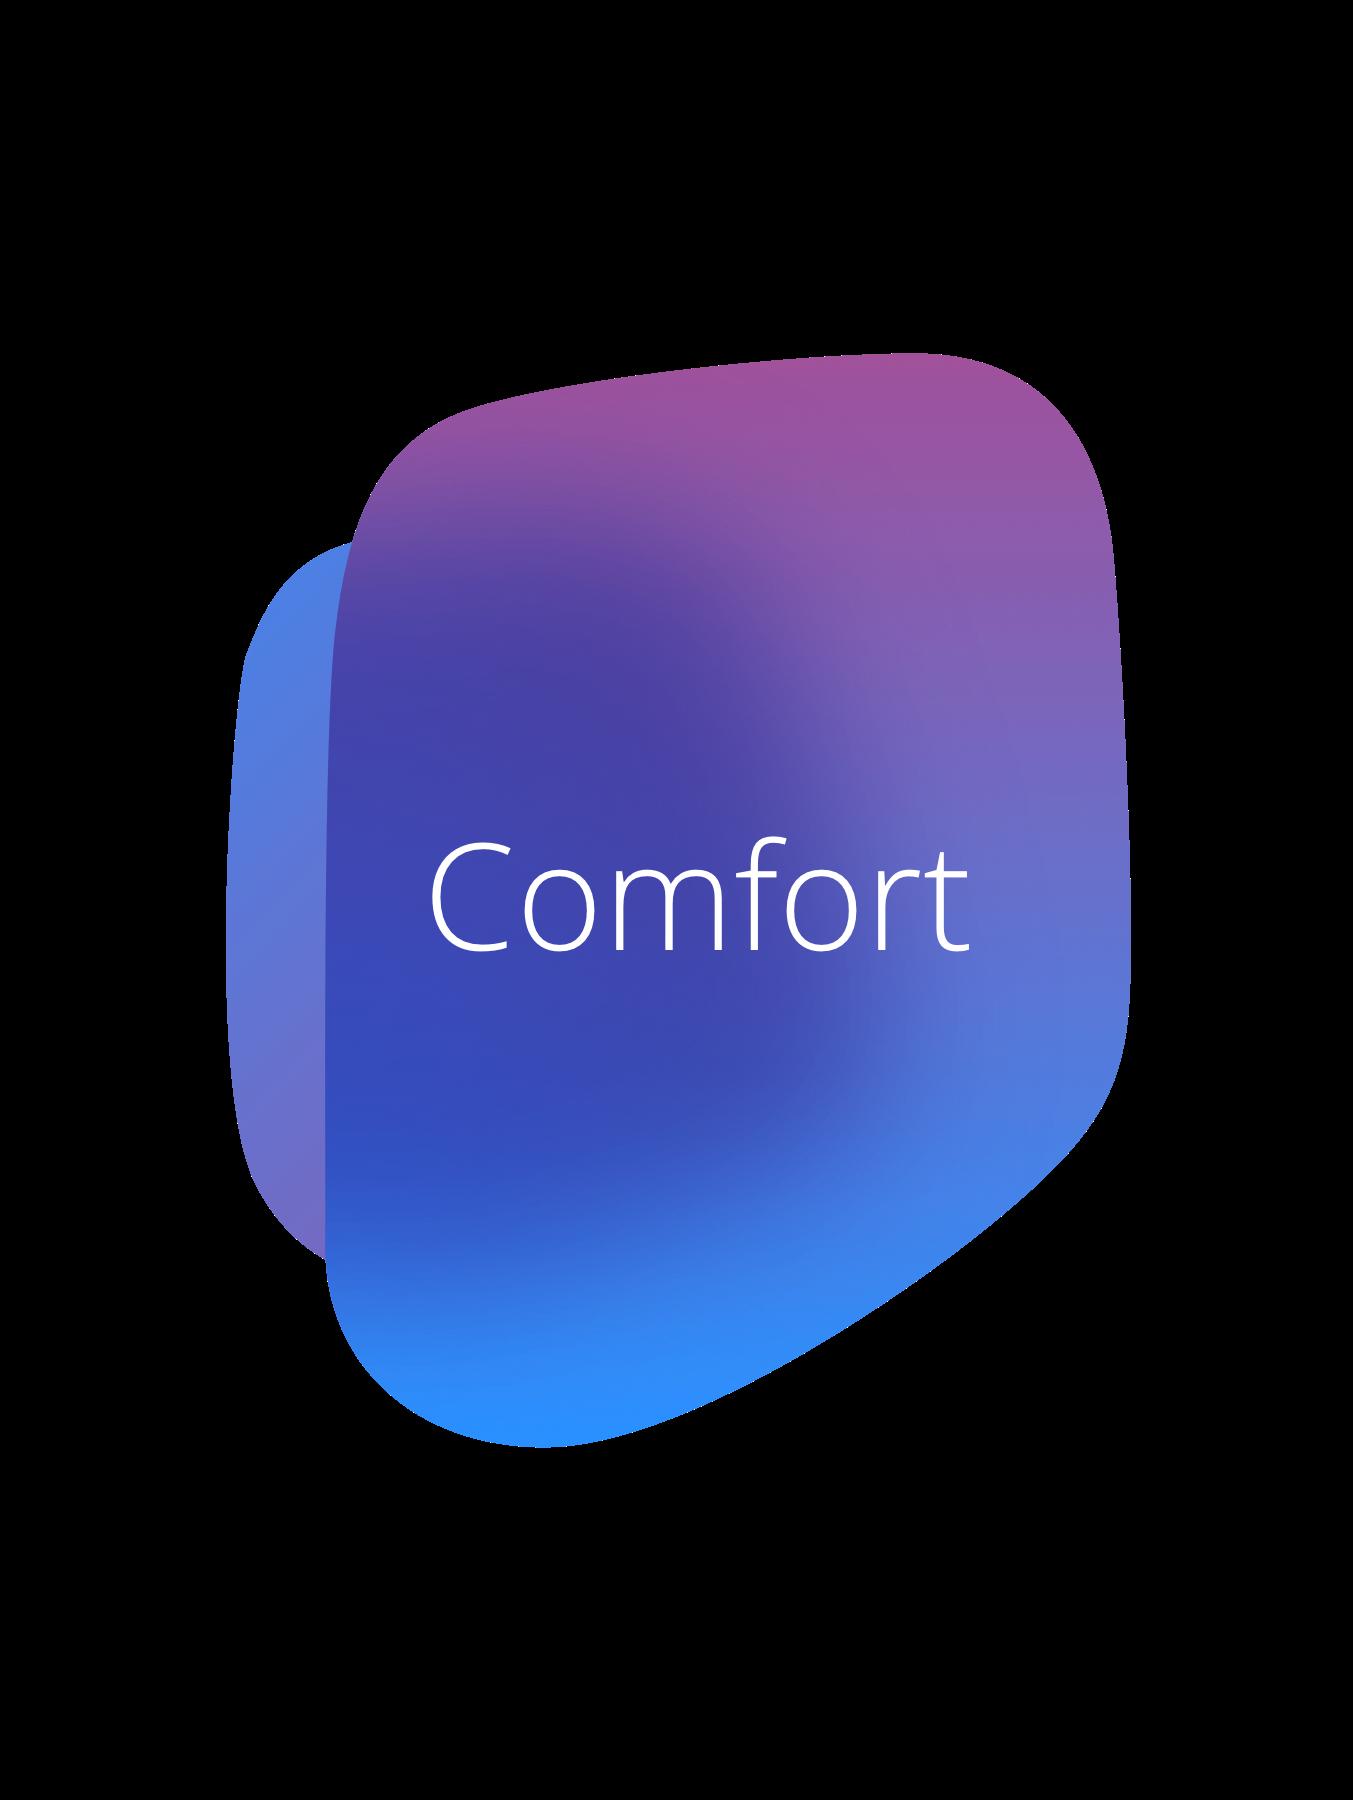 comfort-full_3x.png